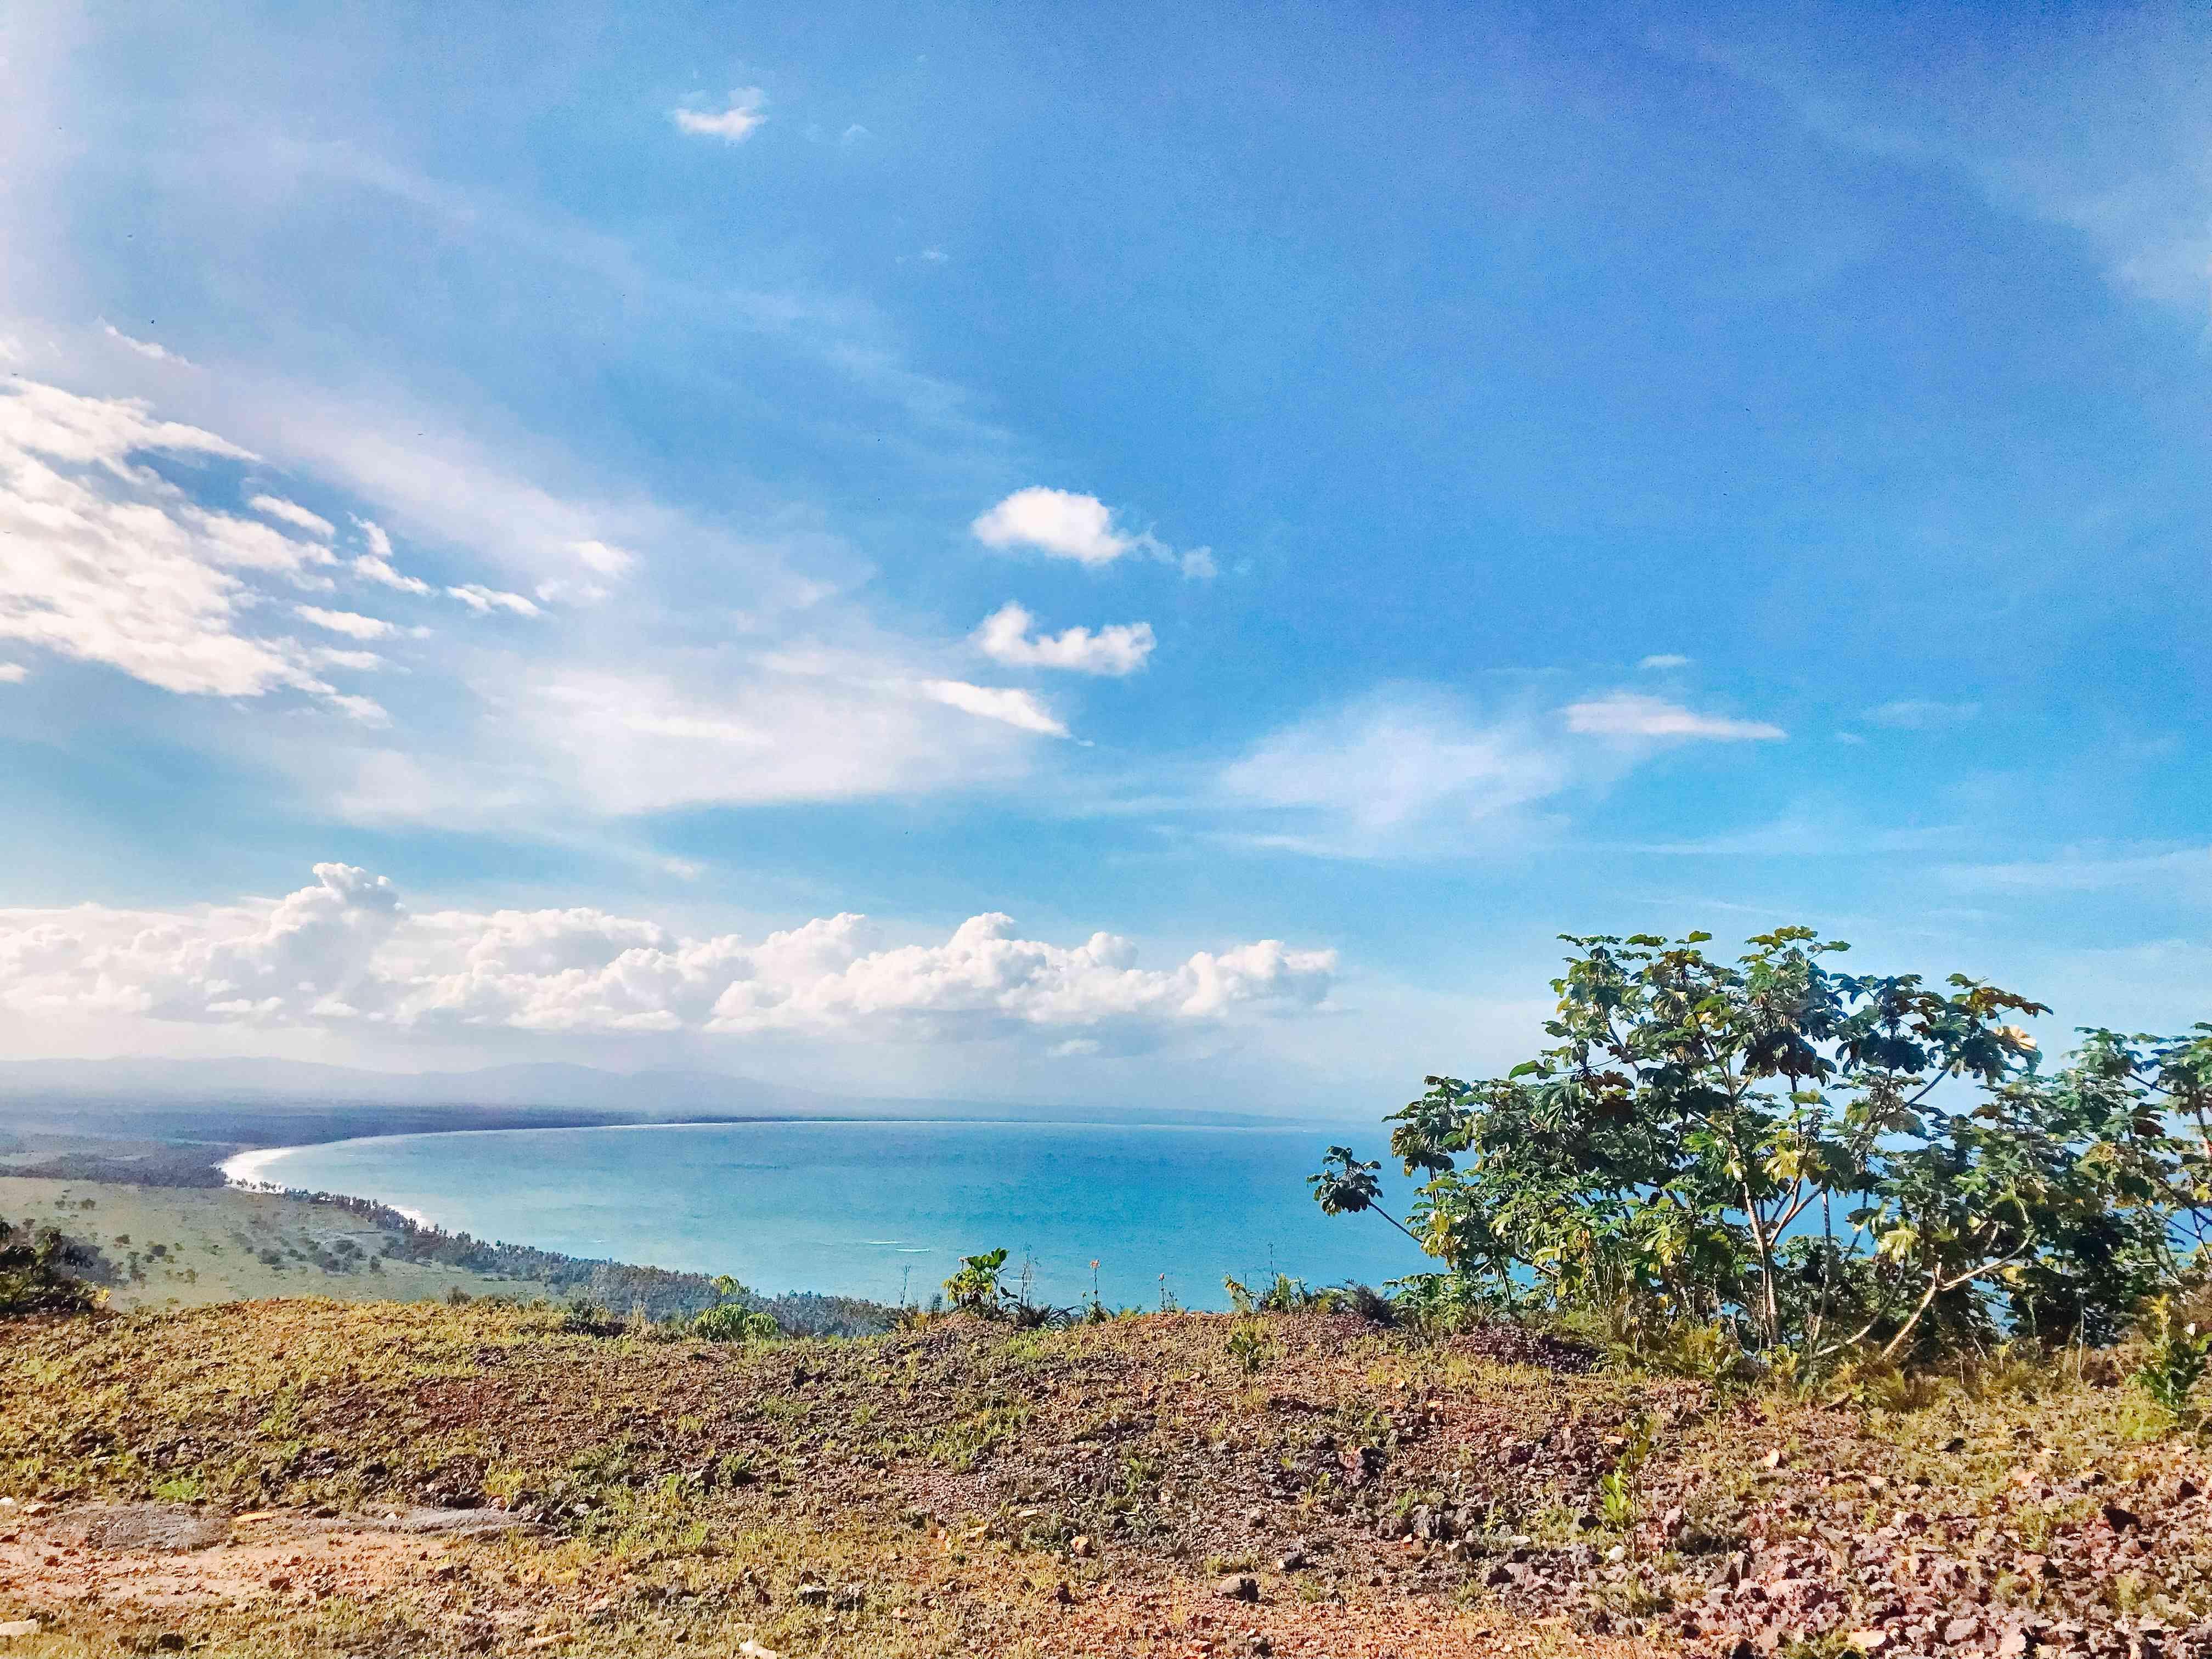 Overlooking the sea at Samana Bay